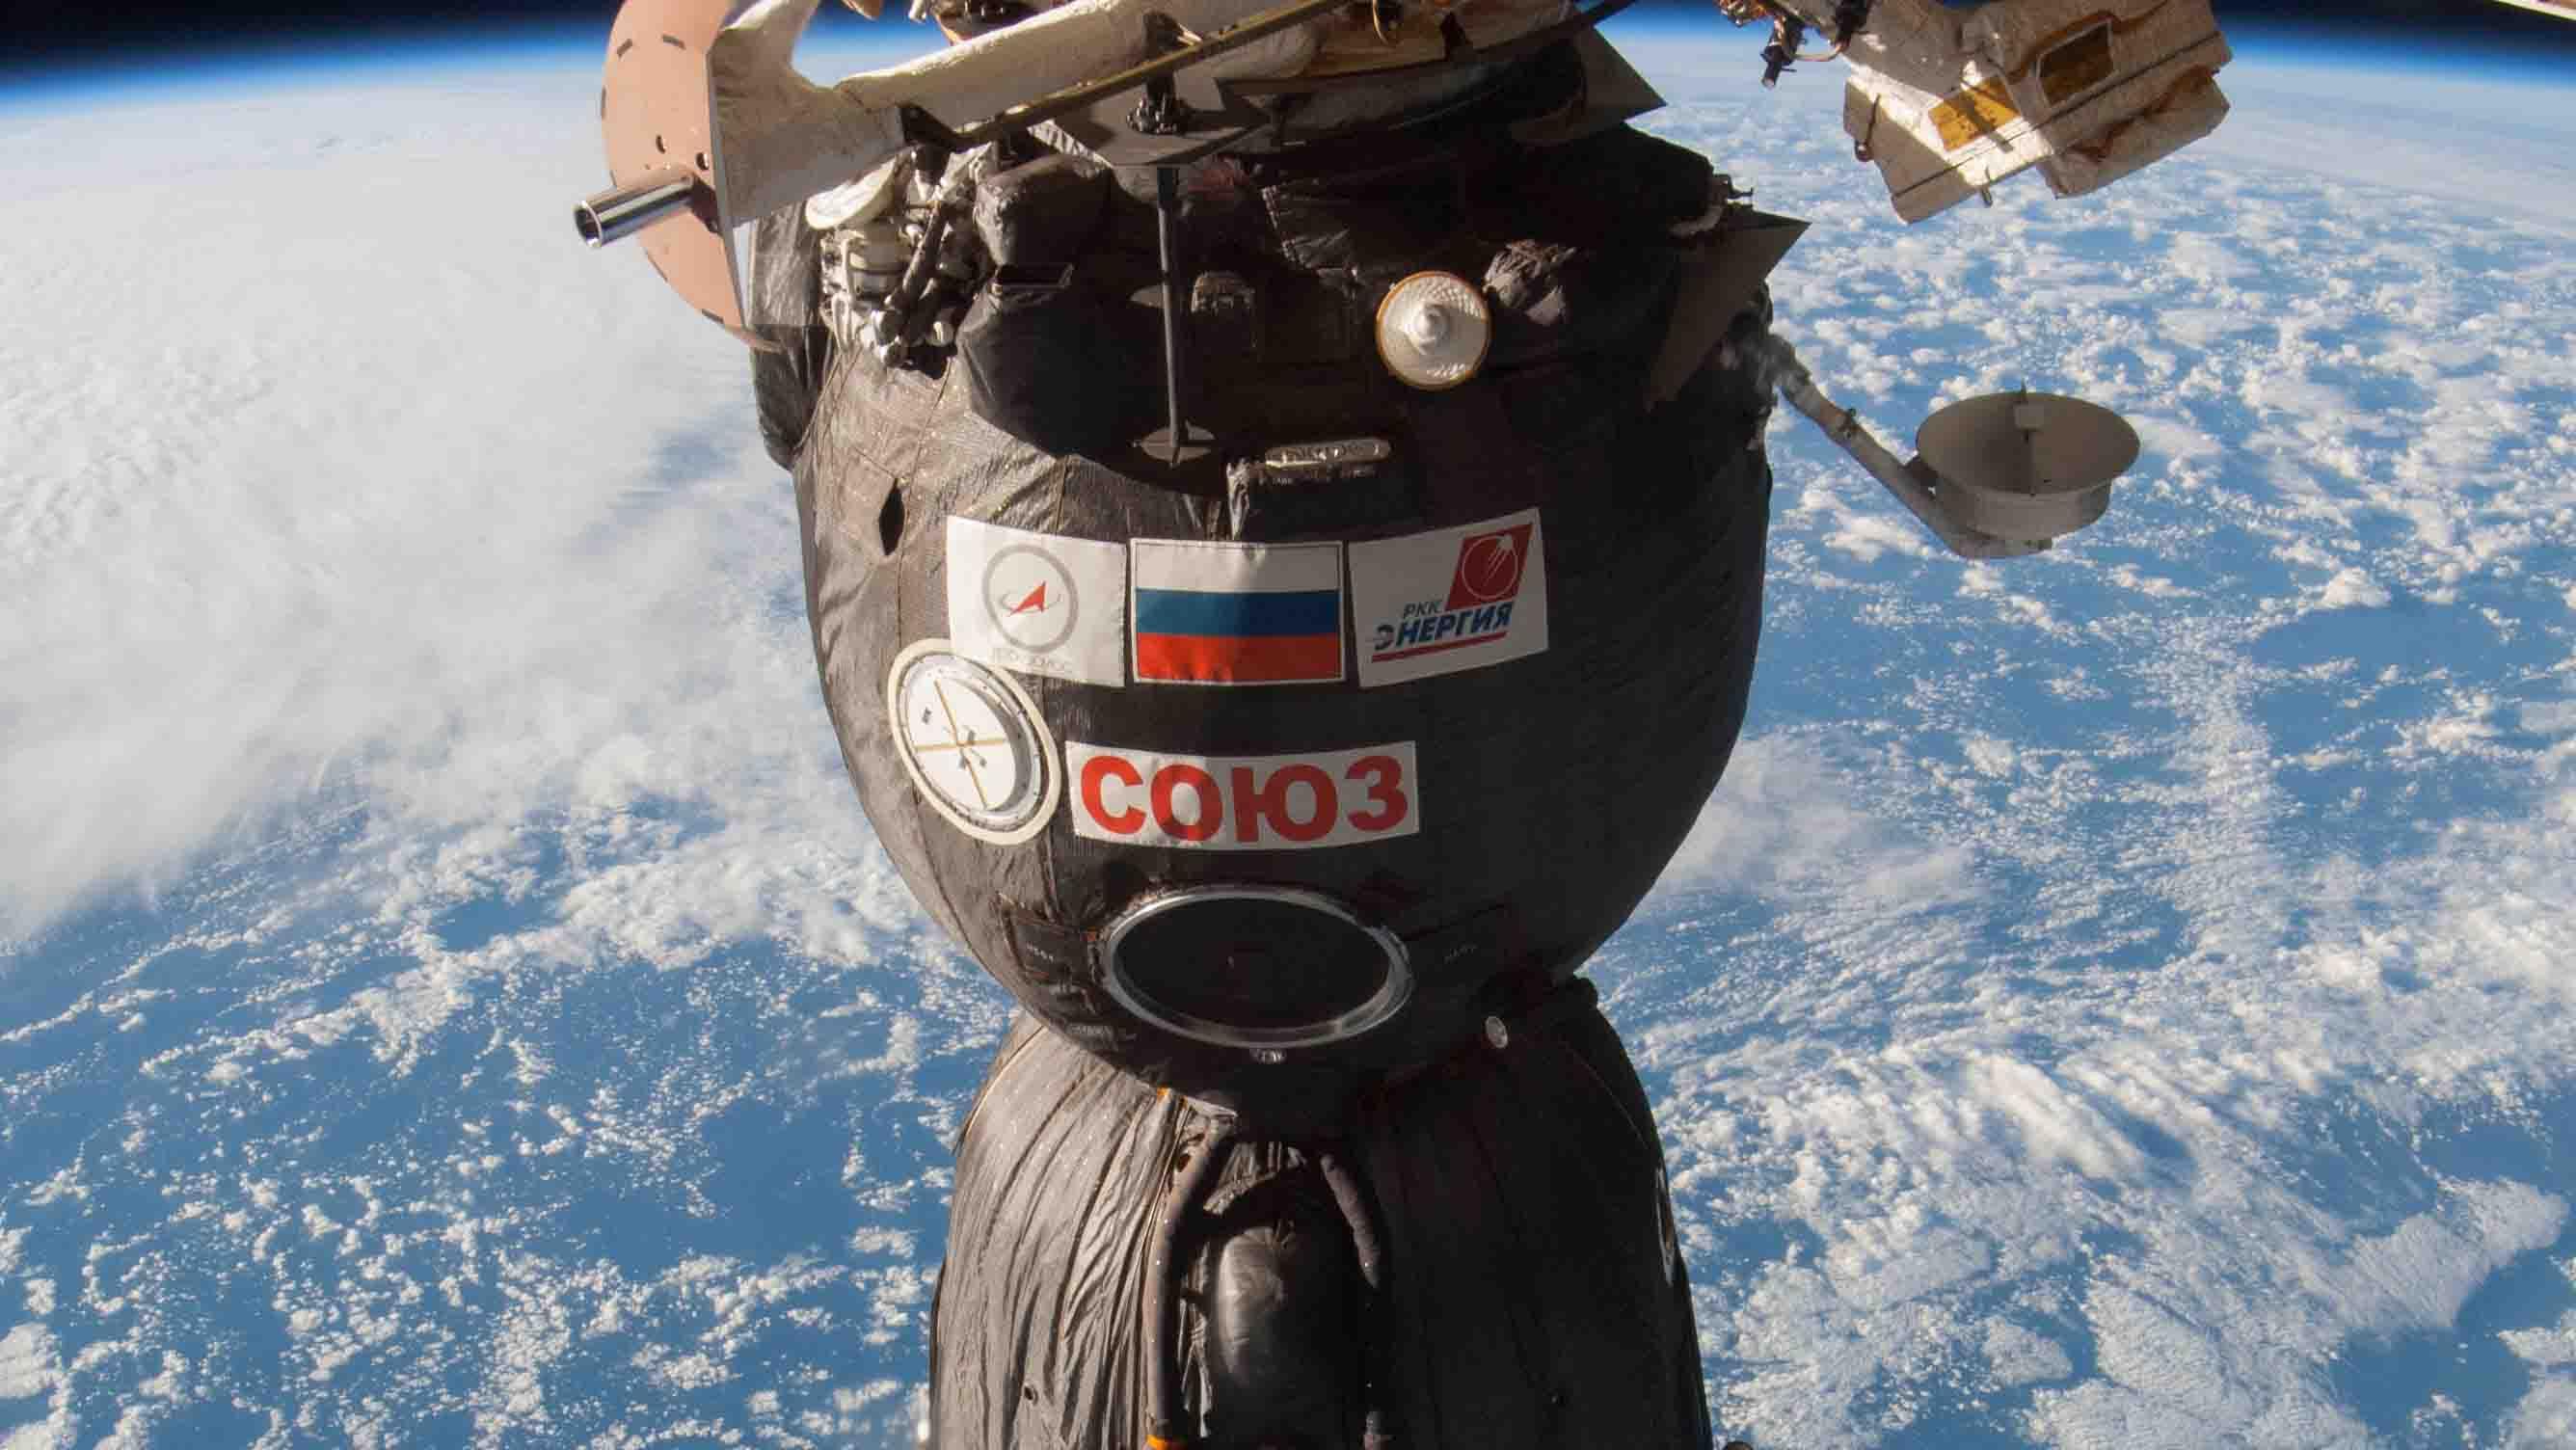 El Sumario - La misión que durará 188 días en el espacio será comandada por el alemán Alexander Gerst quien por primera vez tendrá este cargo